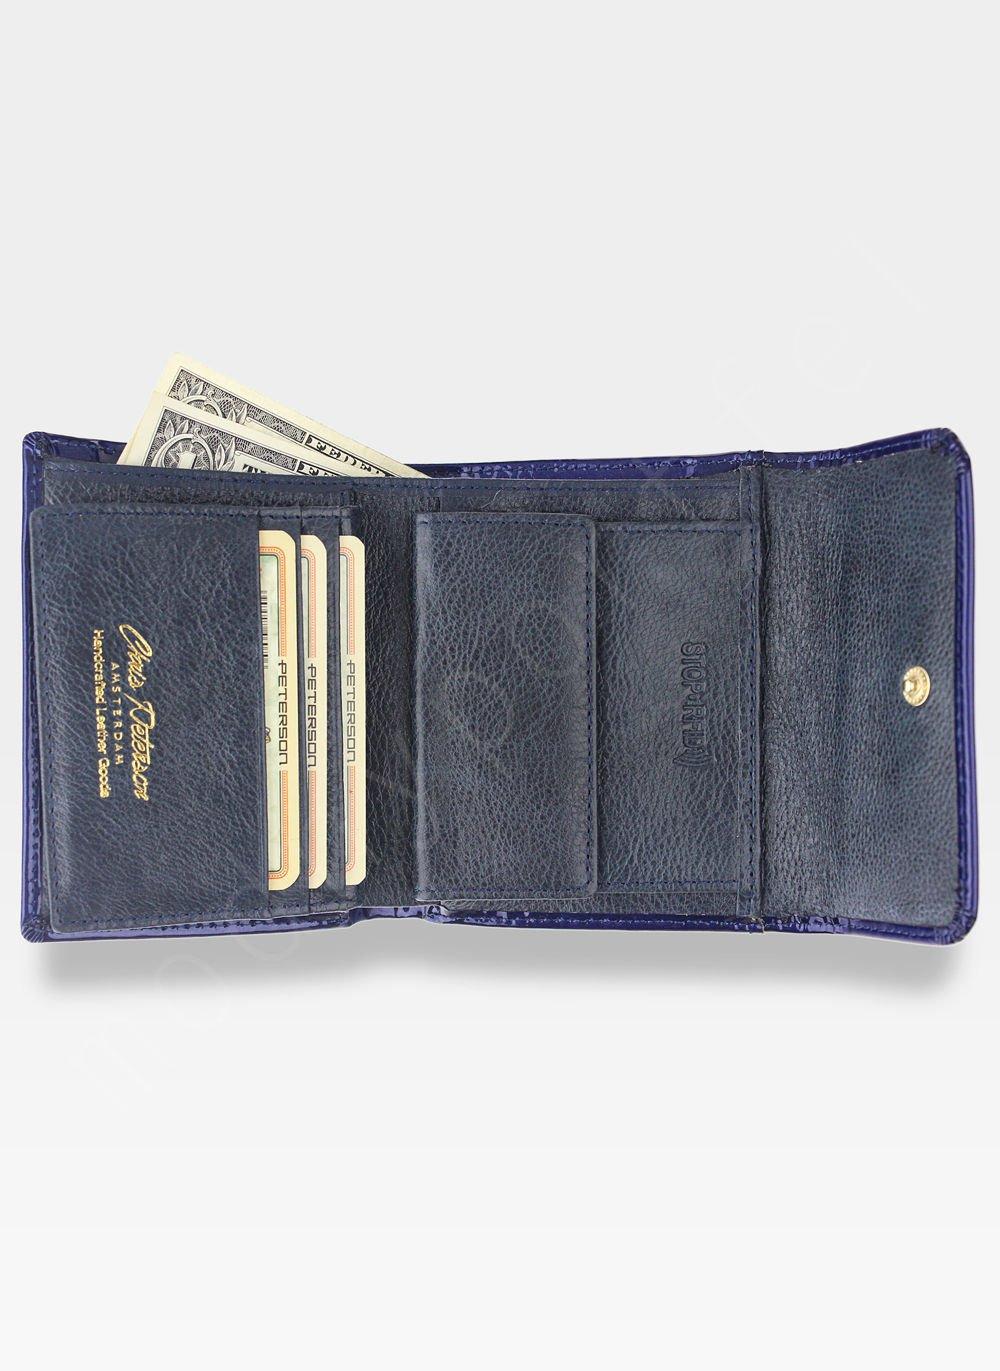 2207859348c4c ... PETERSON Portfel Damski Skórzany Mały Ciemny Niebieski Lakierowany  System RFID BC441 Kliknij